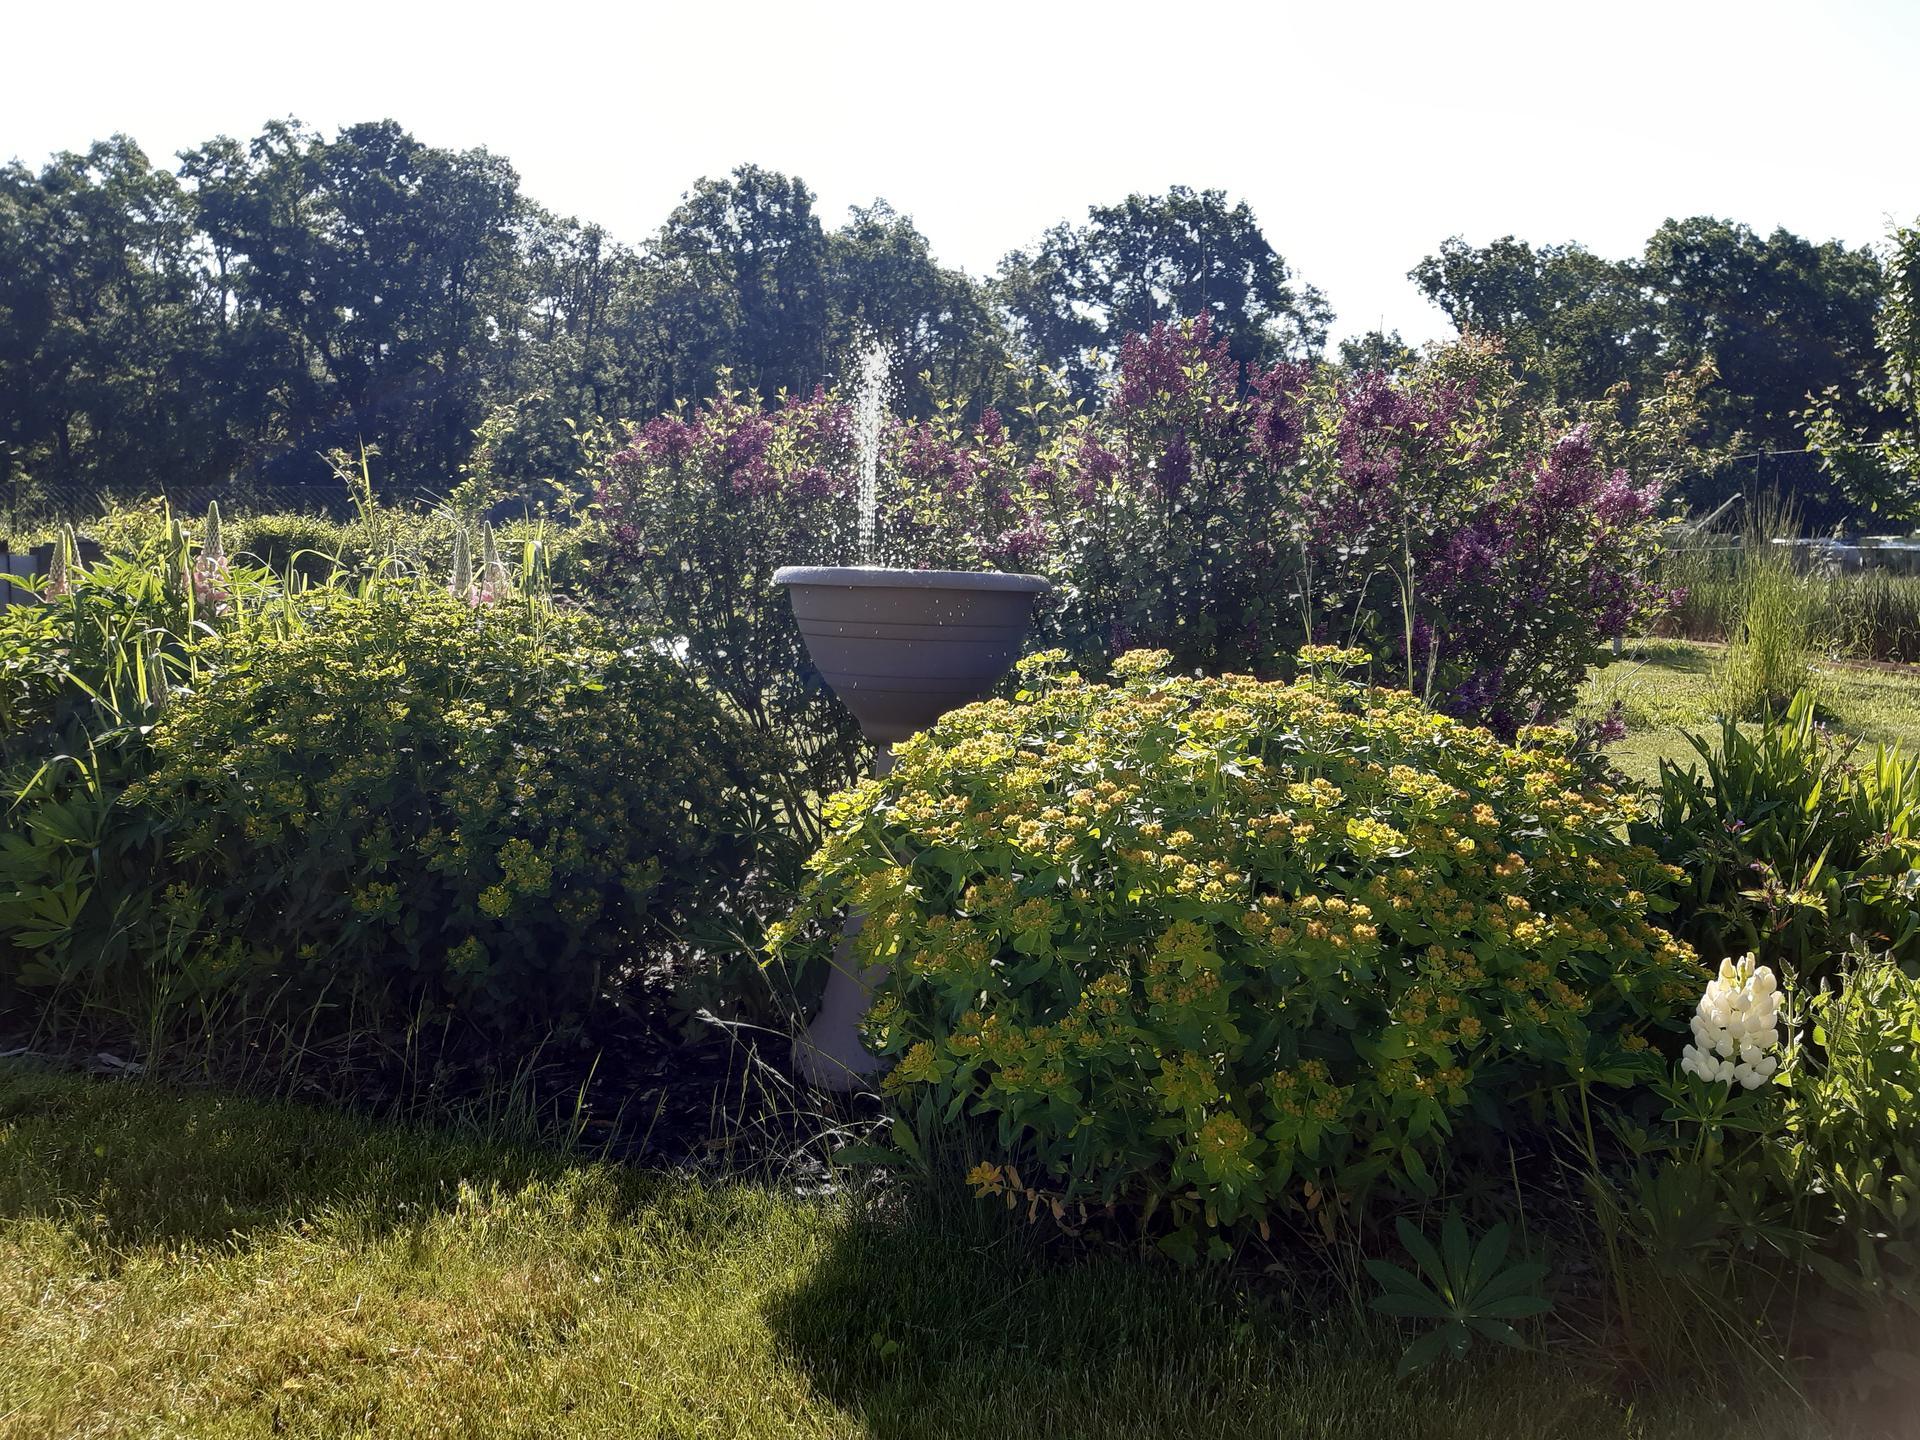 Zahrada 2021 - taková ptákovina a kolik to udělá radosti, když člověk dřepí už rok na home office :-D